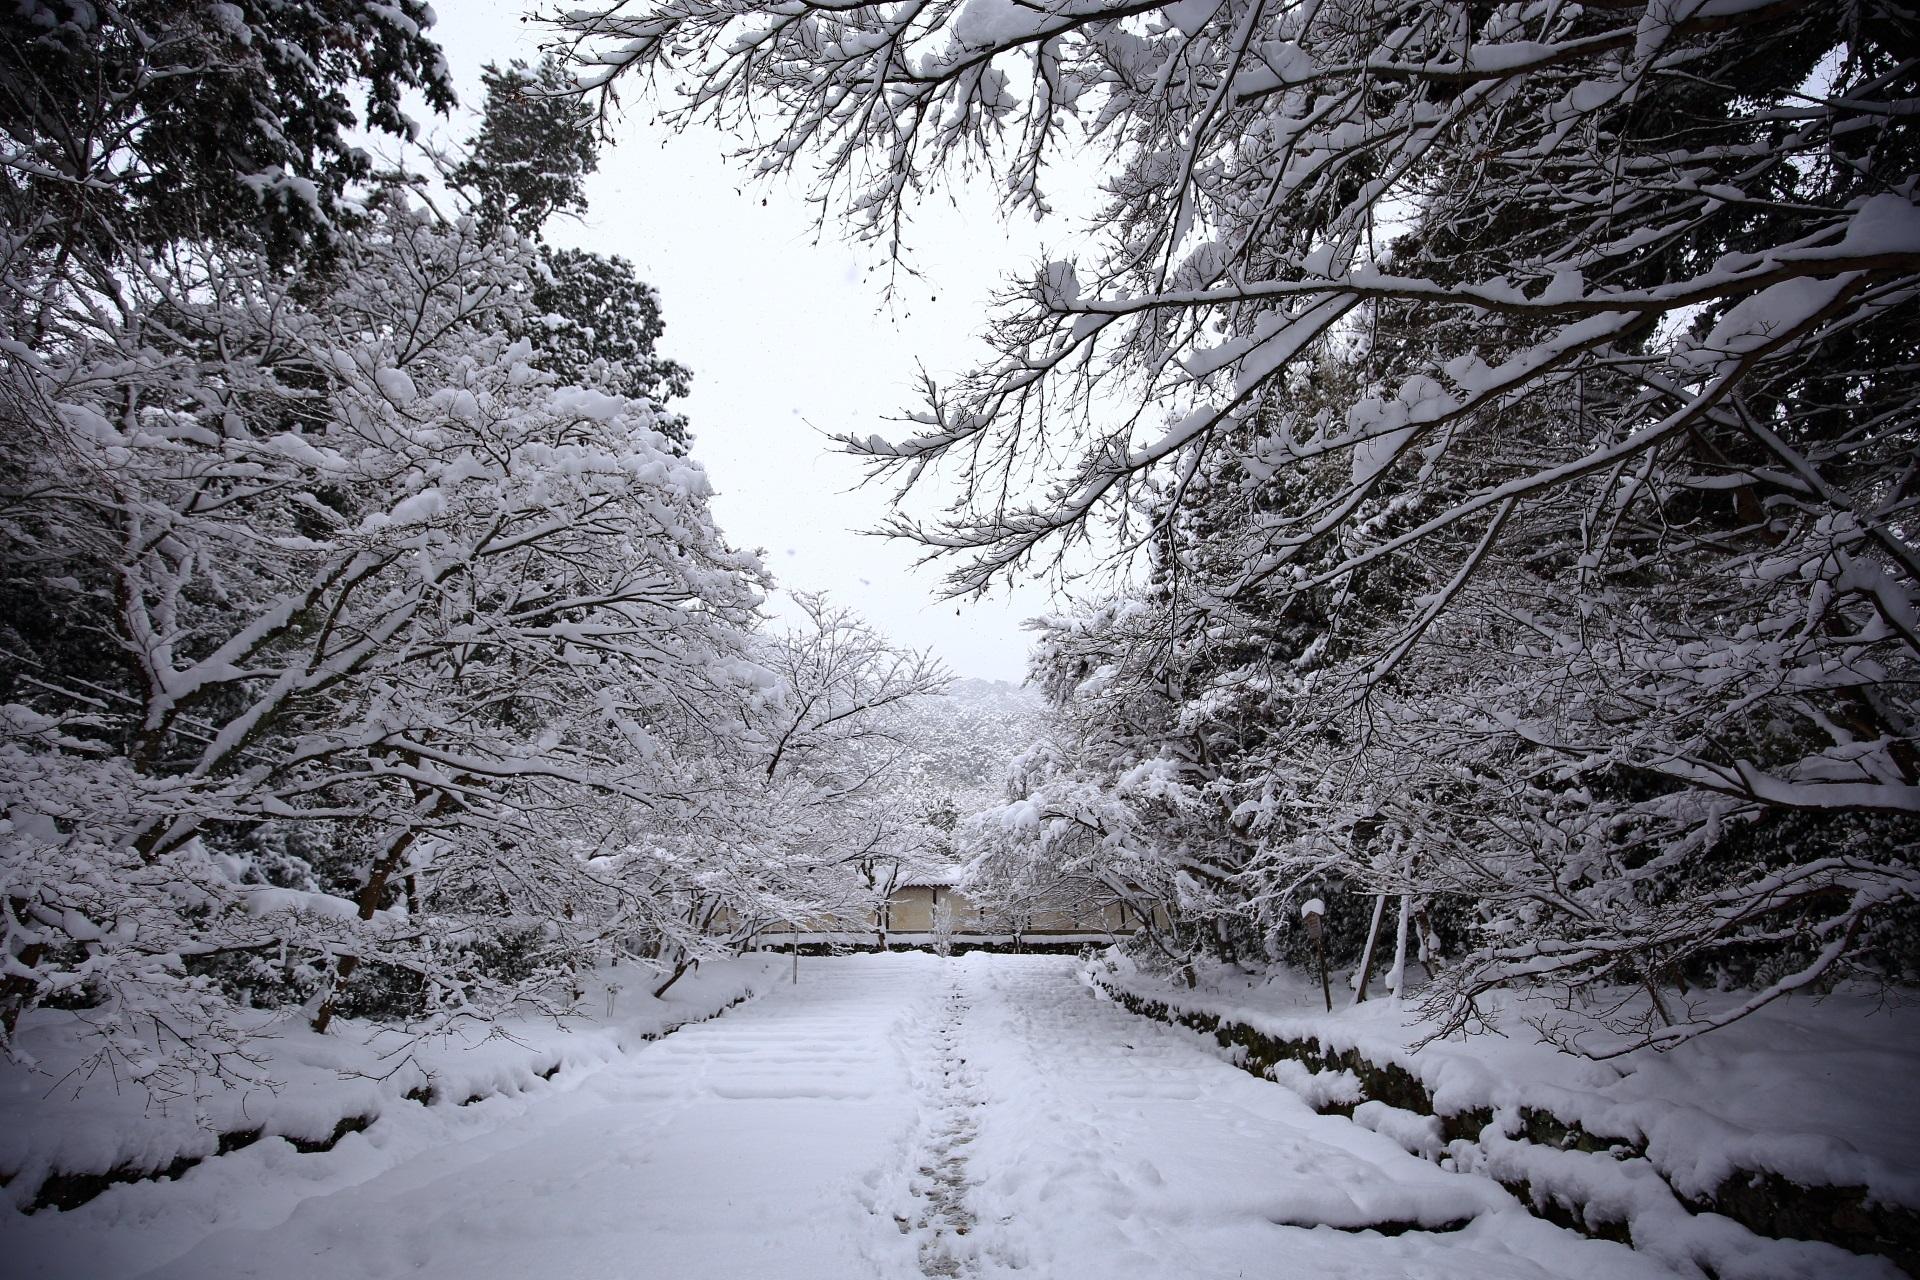 二尊院 雪 京都奥嵯峨の多彩な冬の情景